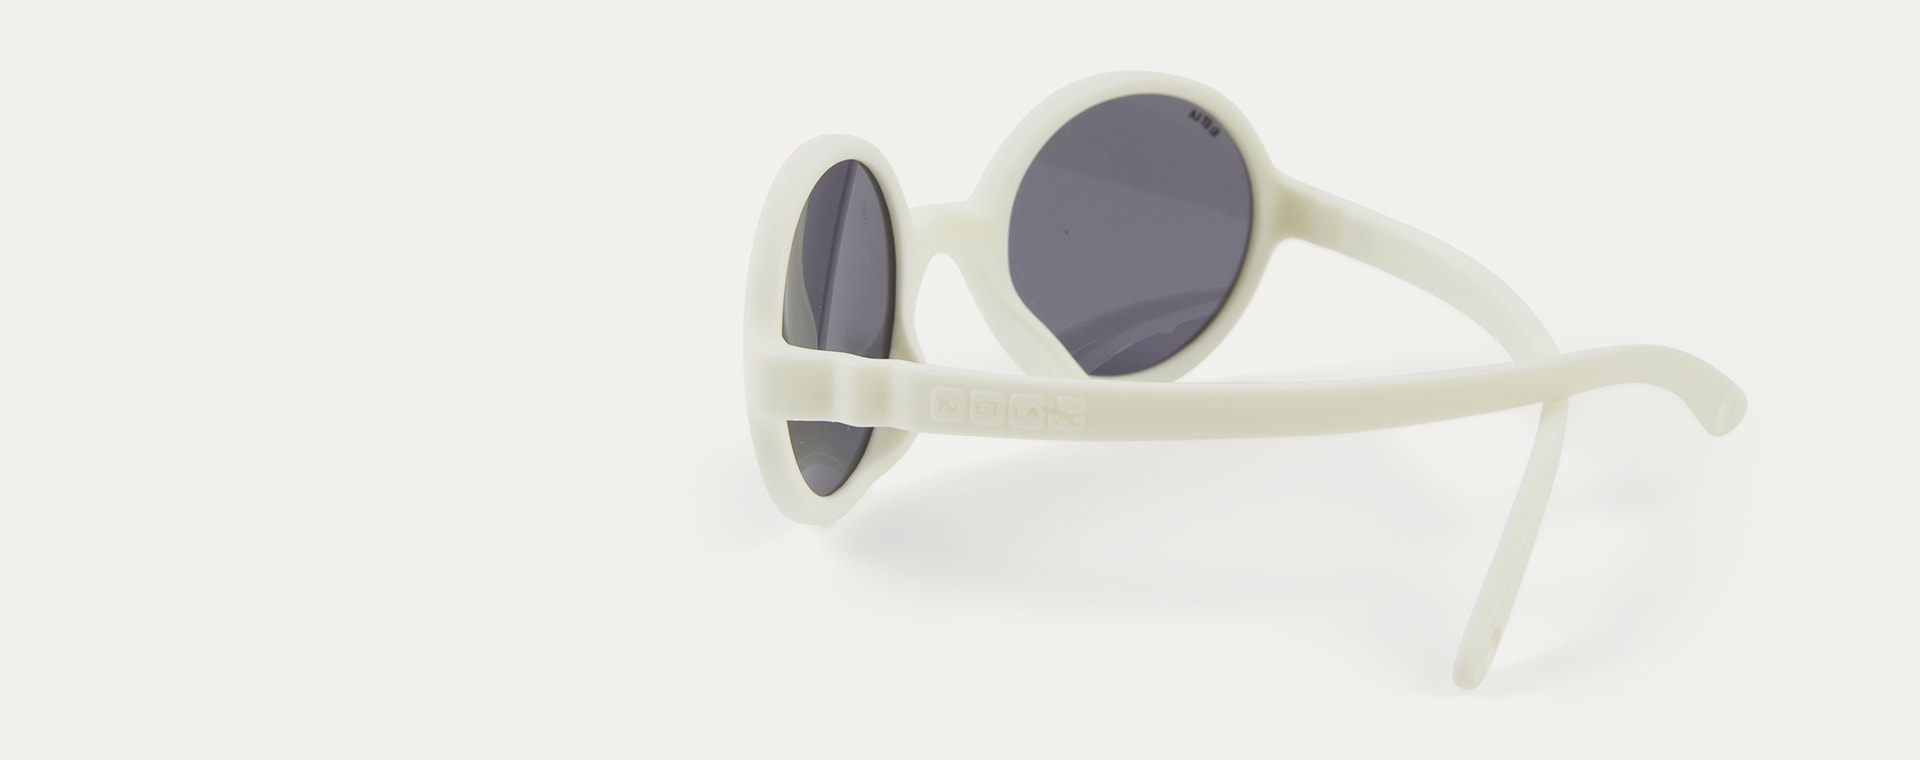 White Ki ET LA ROZZ Sunglasses